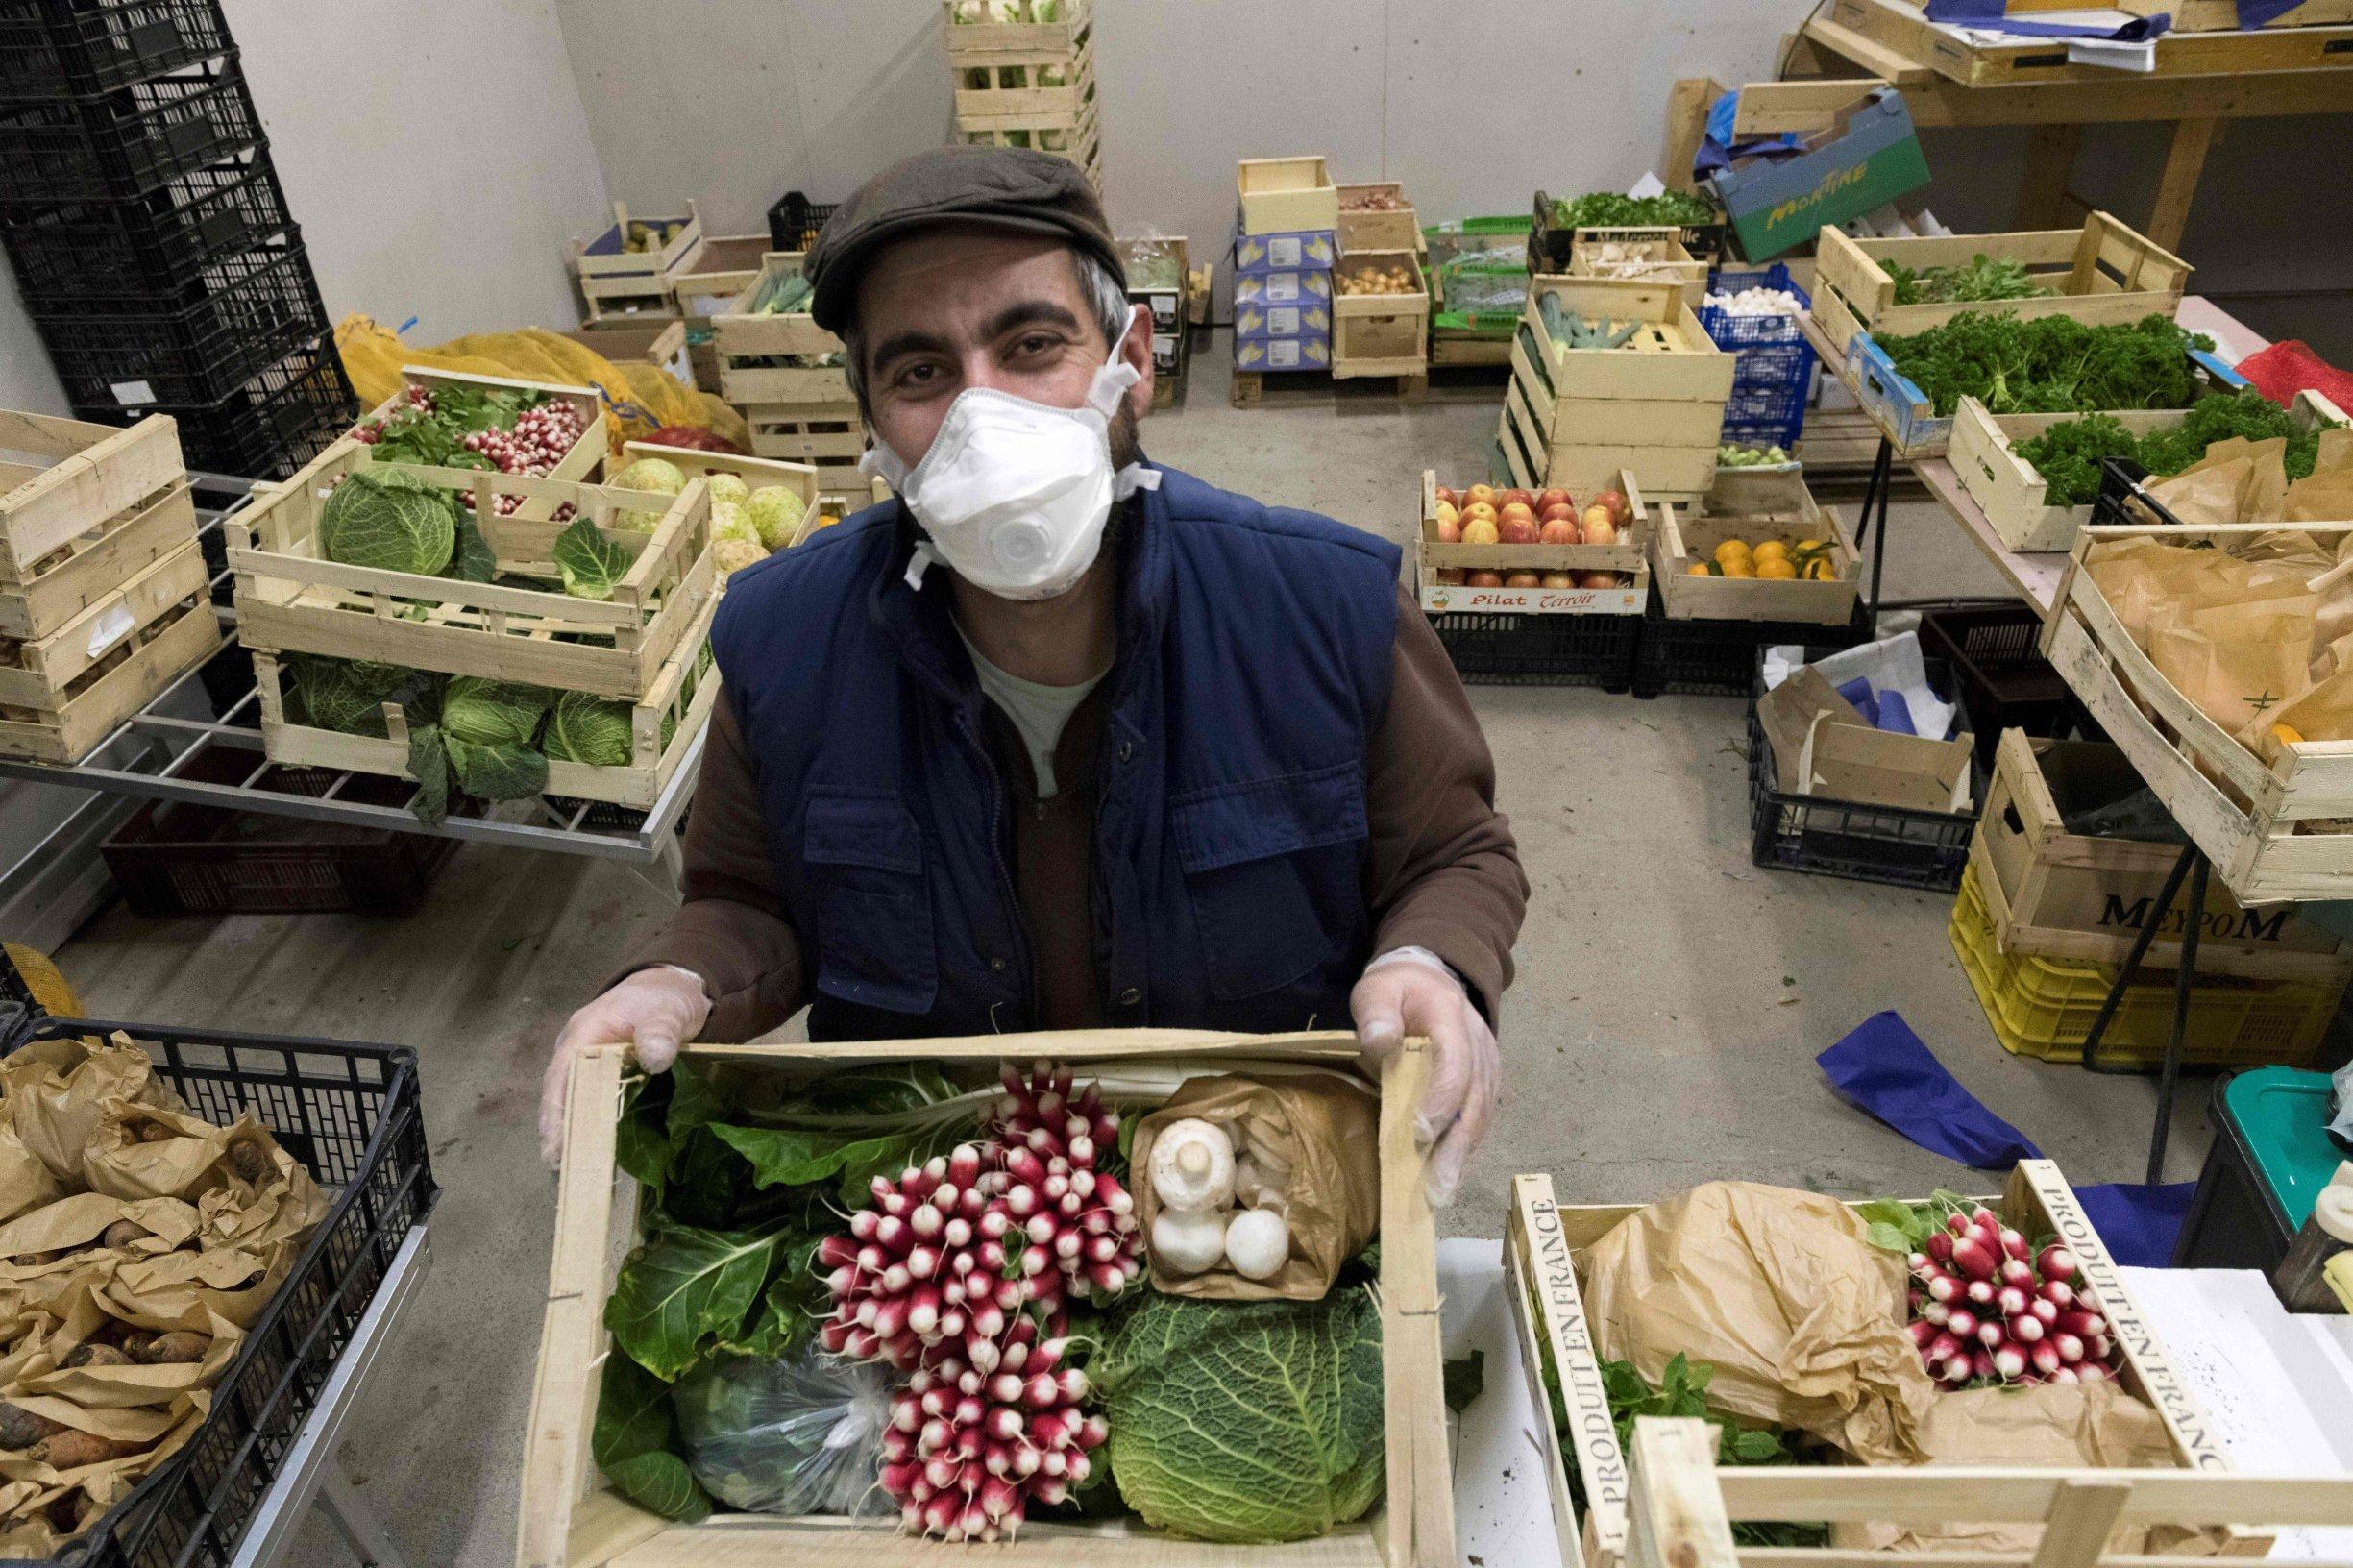 Francuska i Njemačka godišnje zajedno imaju oko 500 tisuća sezonskih radnika, a sada razmatraju kako osigurati uspješnu berbu voća i povrća